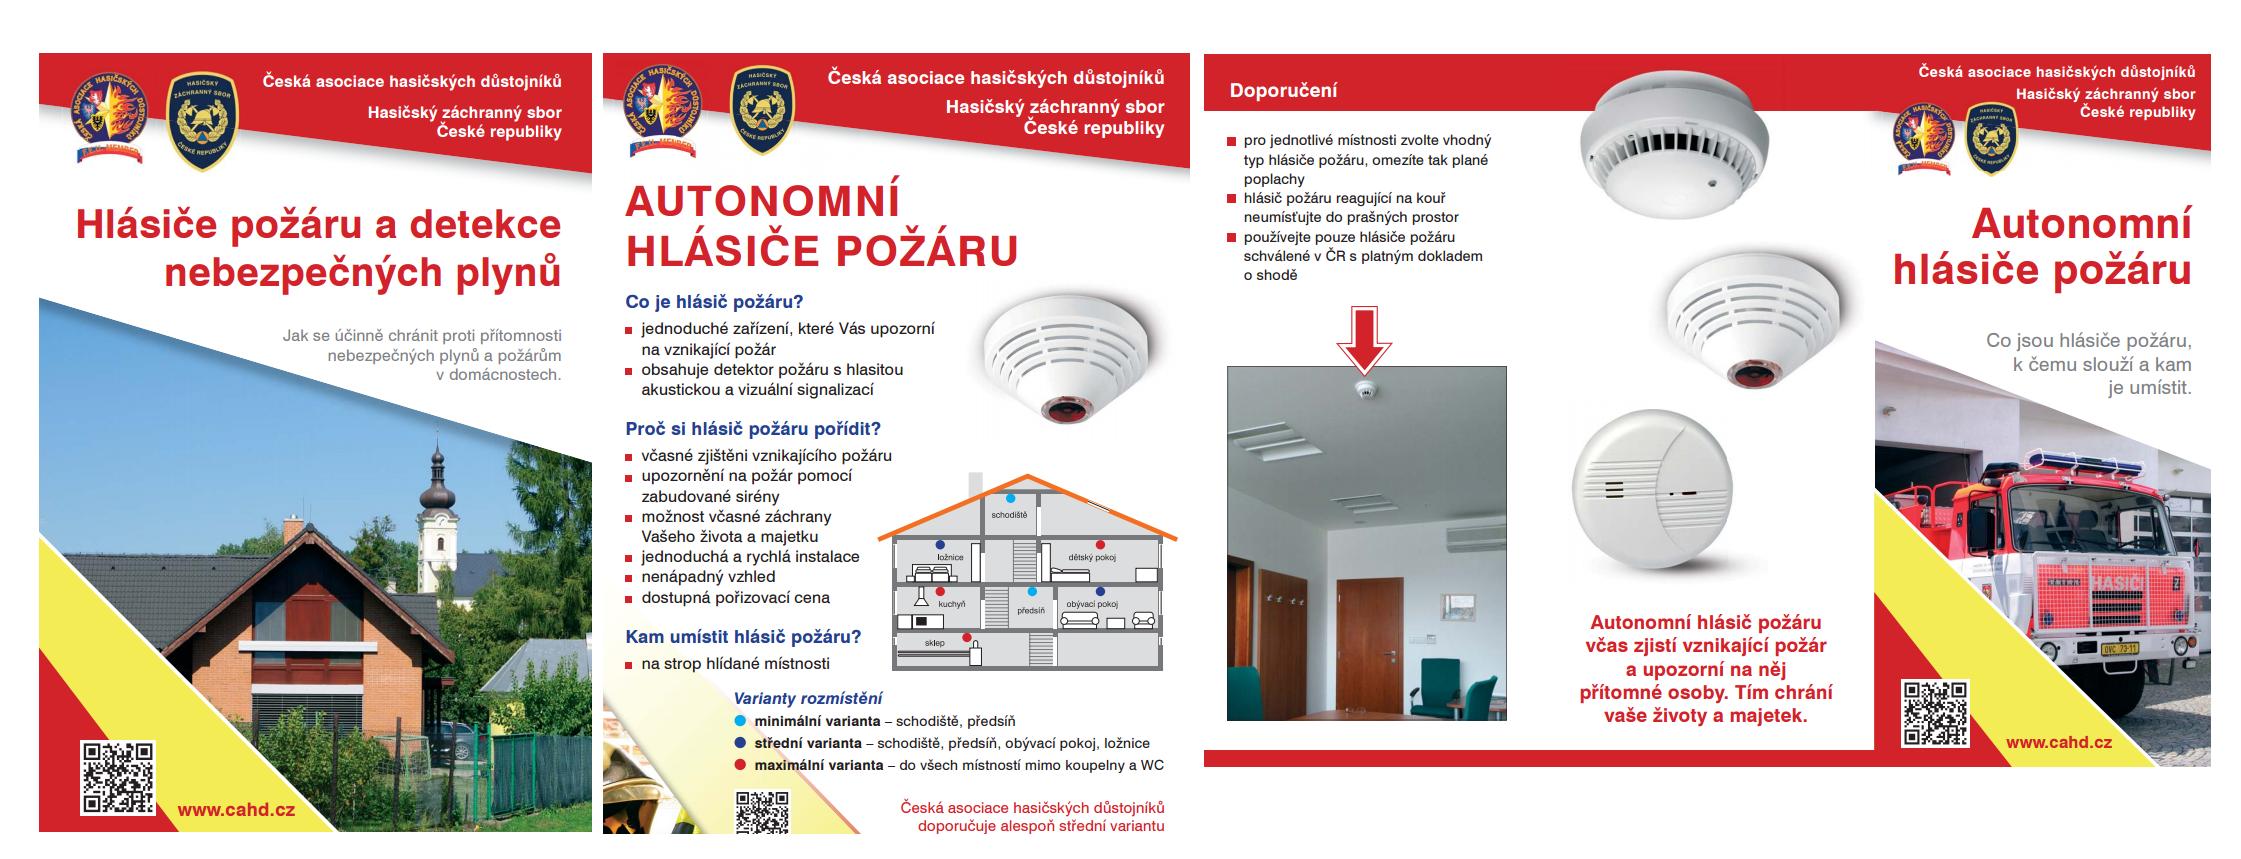 detektory_podklad1